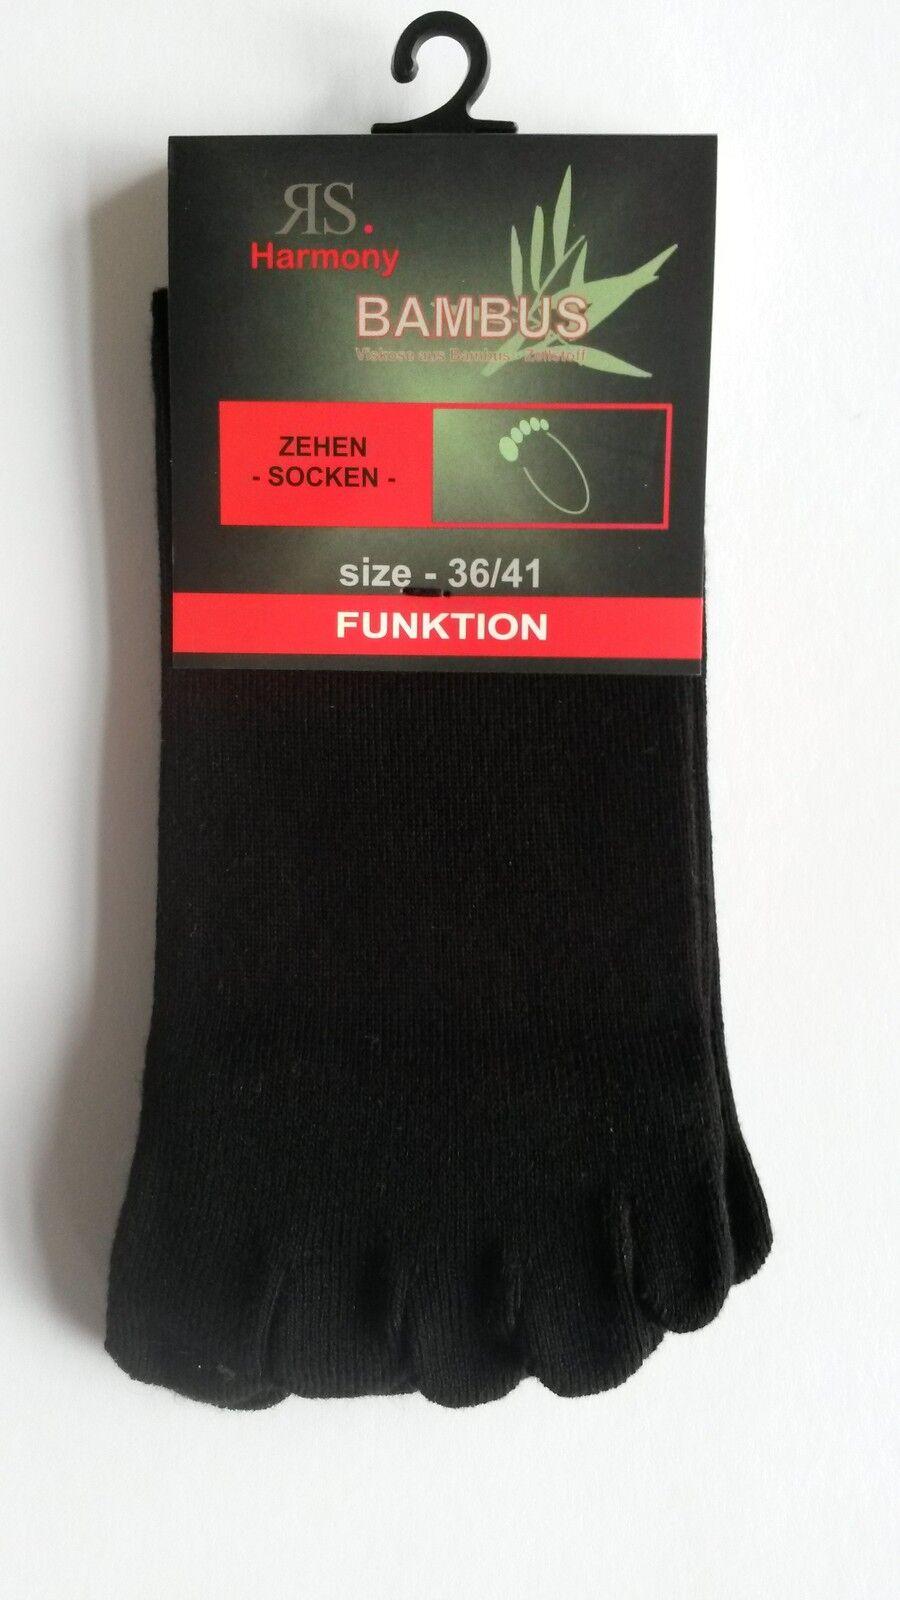 1 hasta 10 pares de calcetines de de de dedos bambú zehenstrumpf cinco dedos del pie calcetines damas y caballeros ec2803